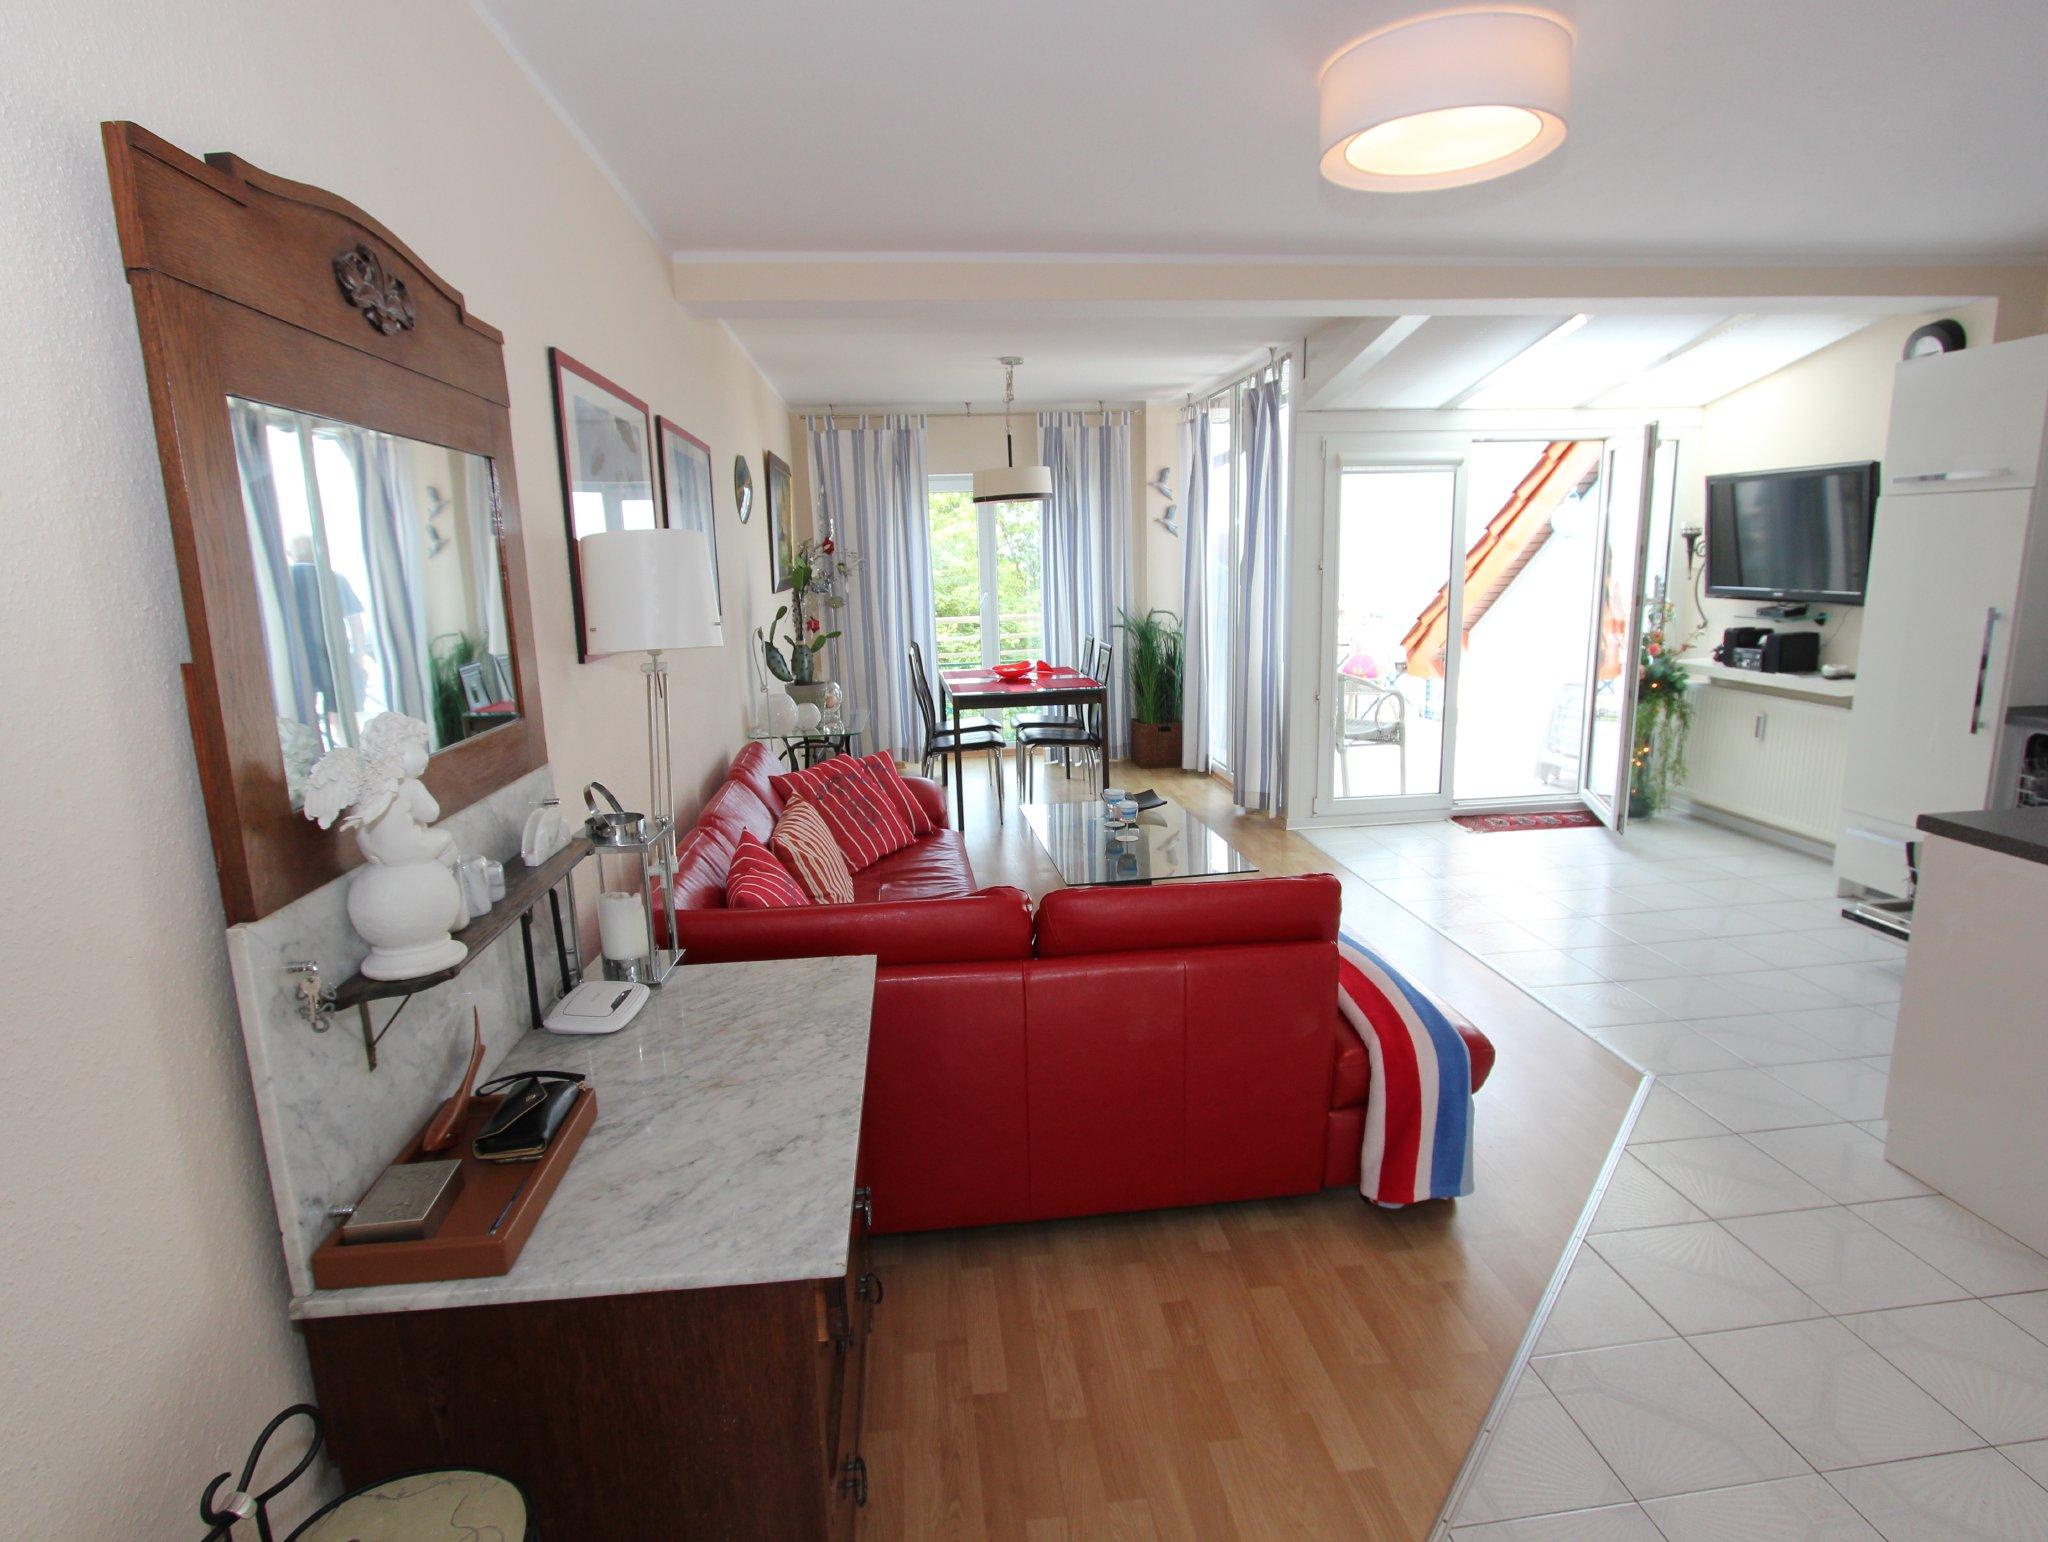 Überblick auf das Wohnzimmer und Balkon.